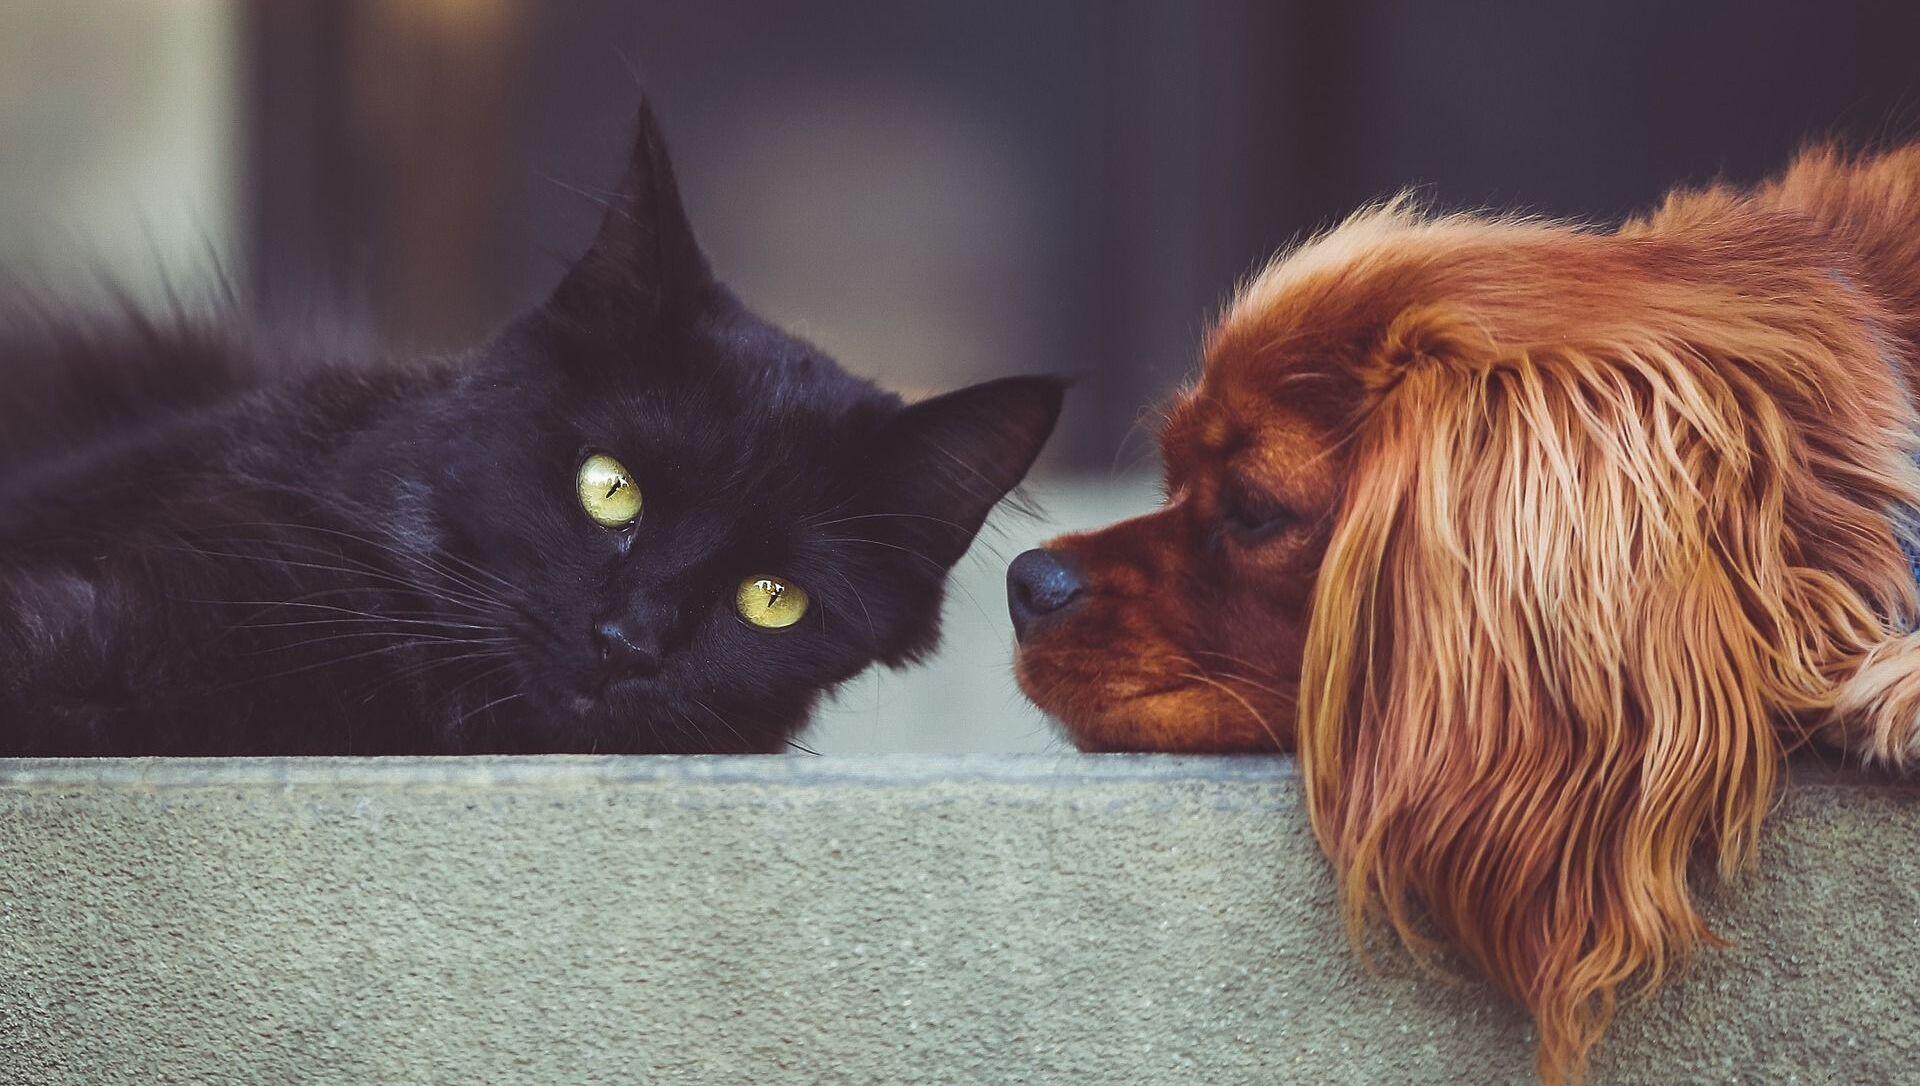 Кошка и собака - Sputnik Грузия, 1920, 18.02.2021